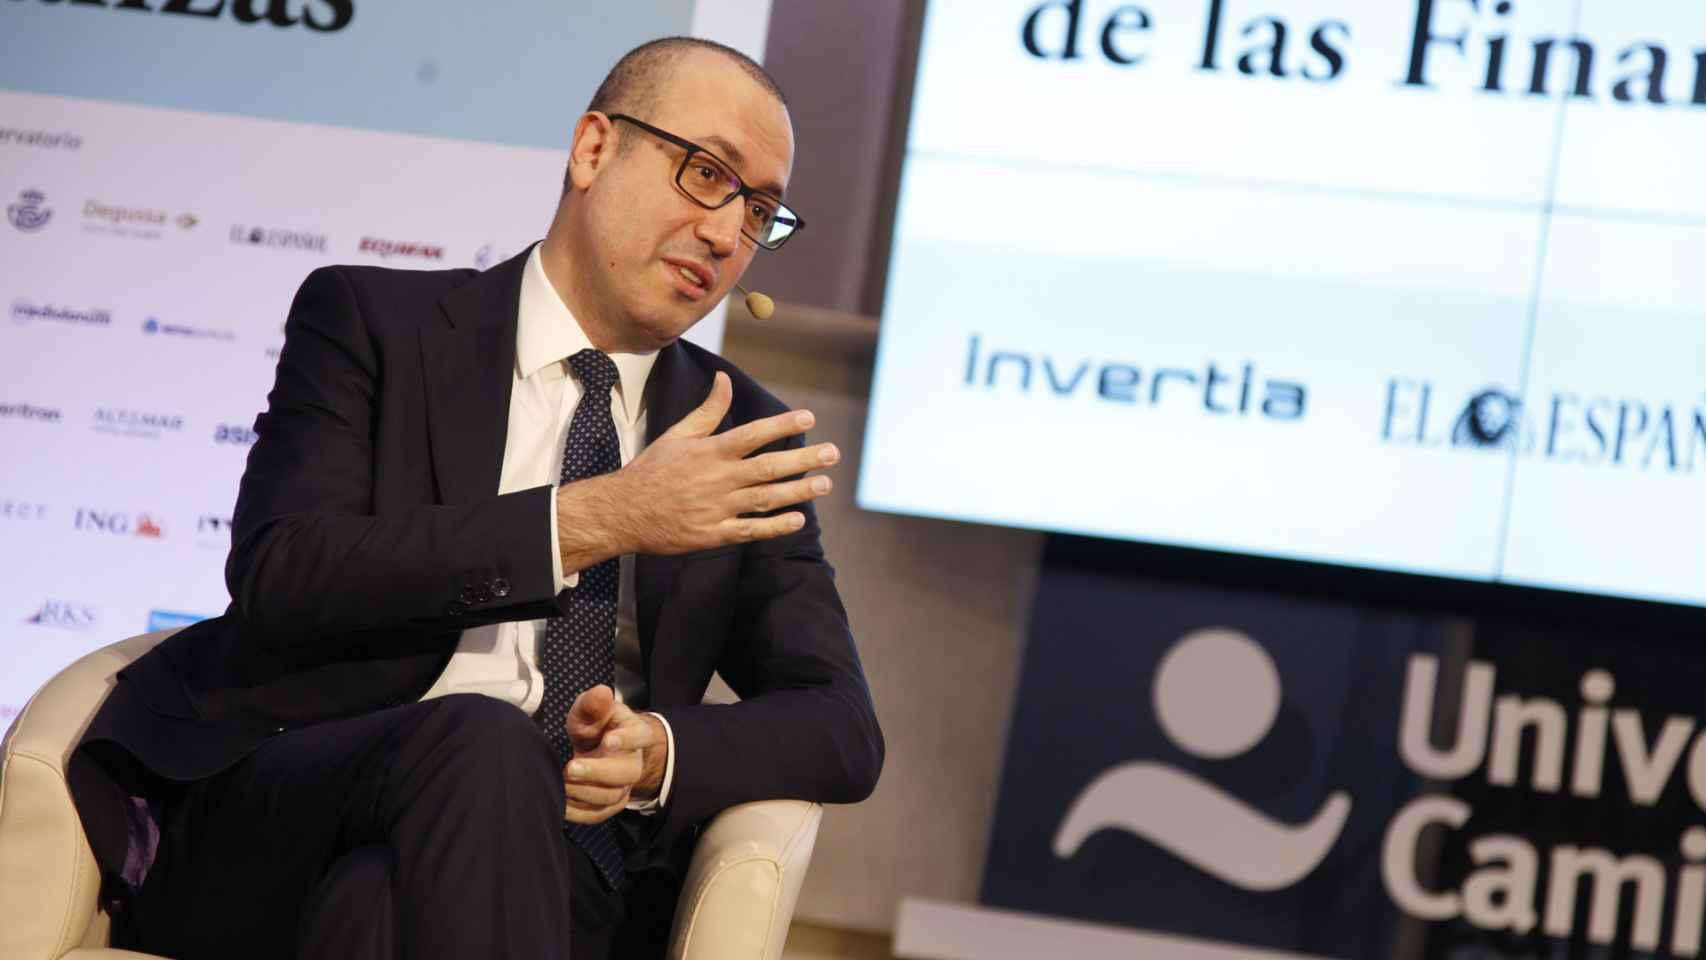 Onur Genç, consejero delegado de BBVA, durante su intervención en el Observatorio de las Finanzas organizado por EL ESPAÑOL.